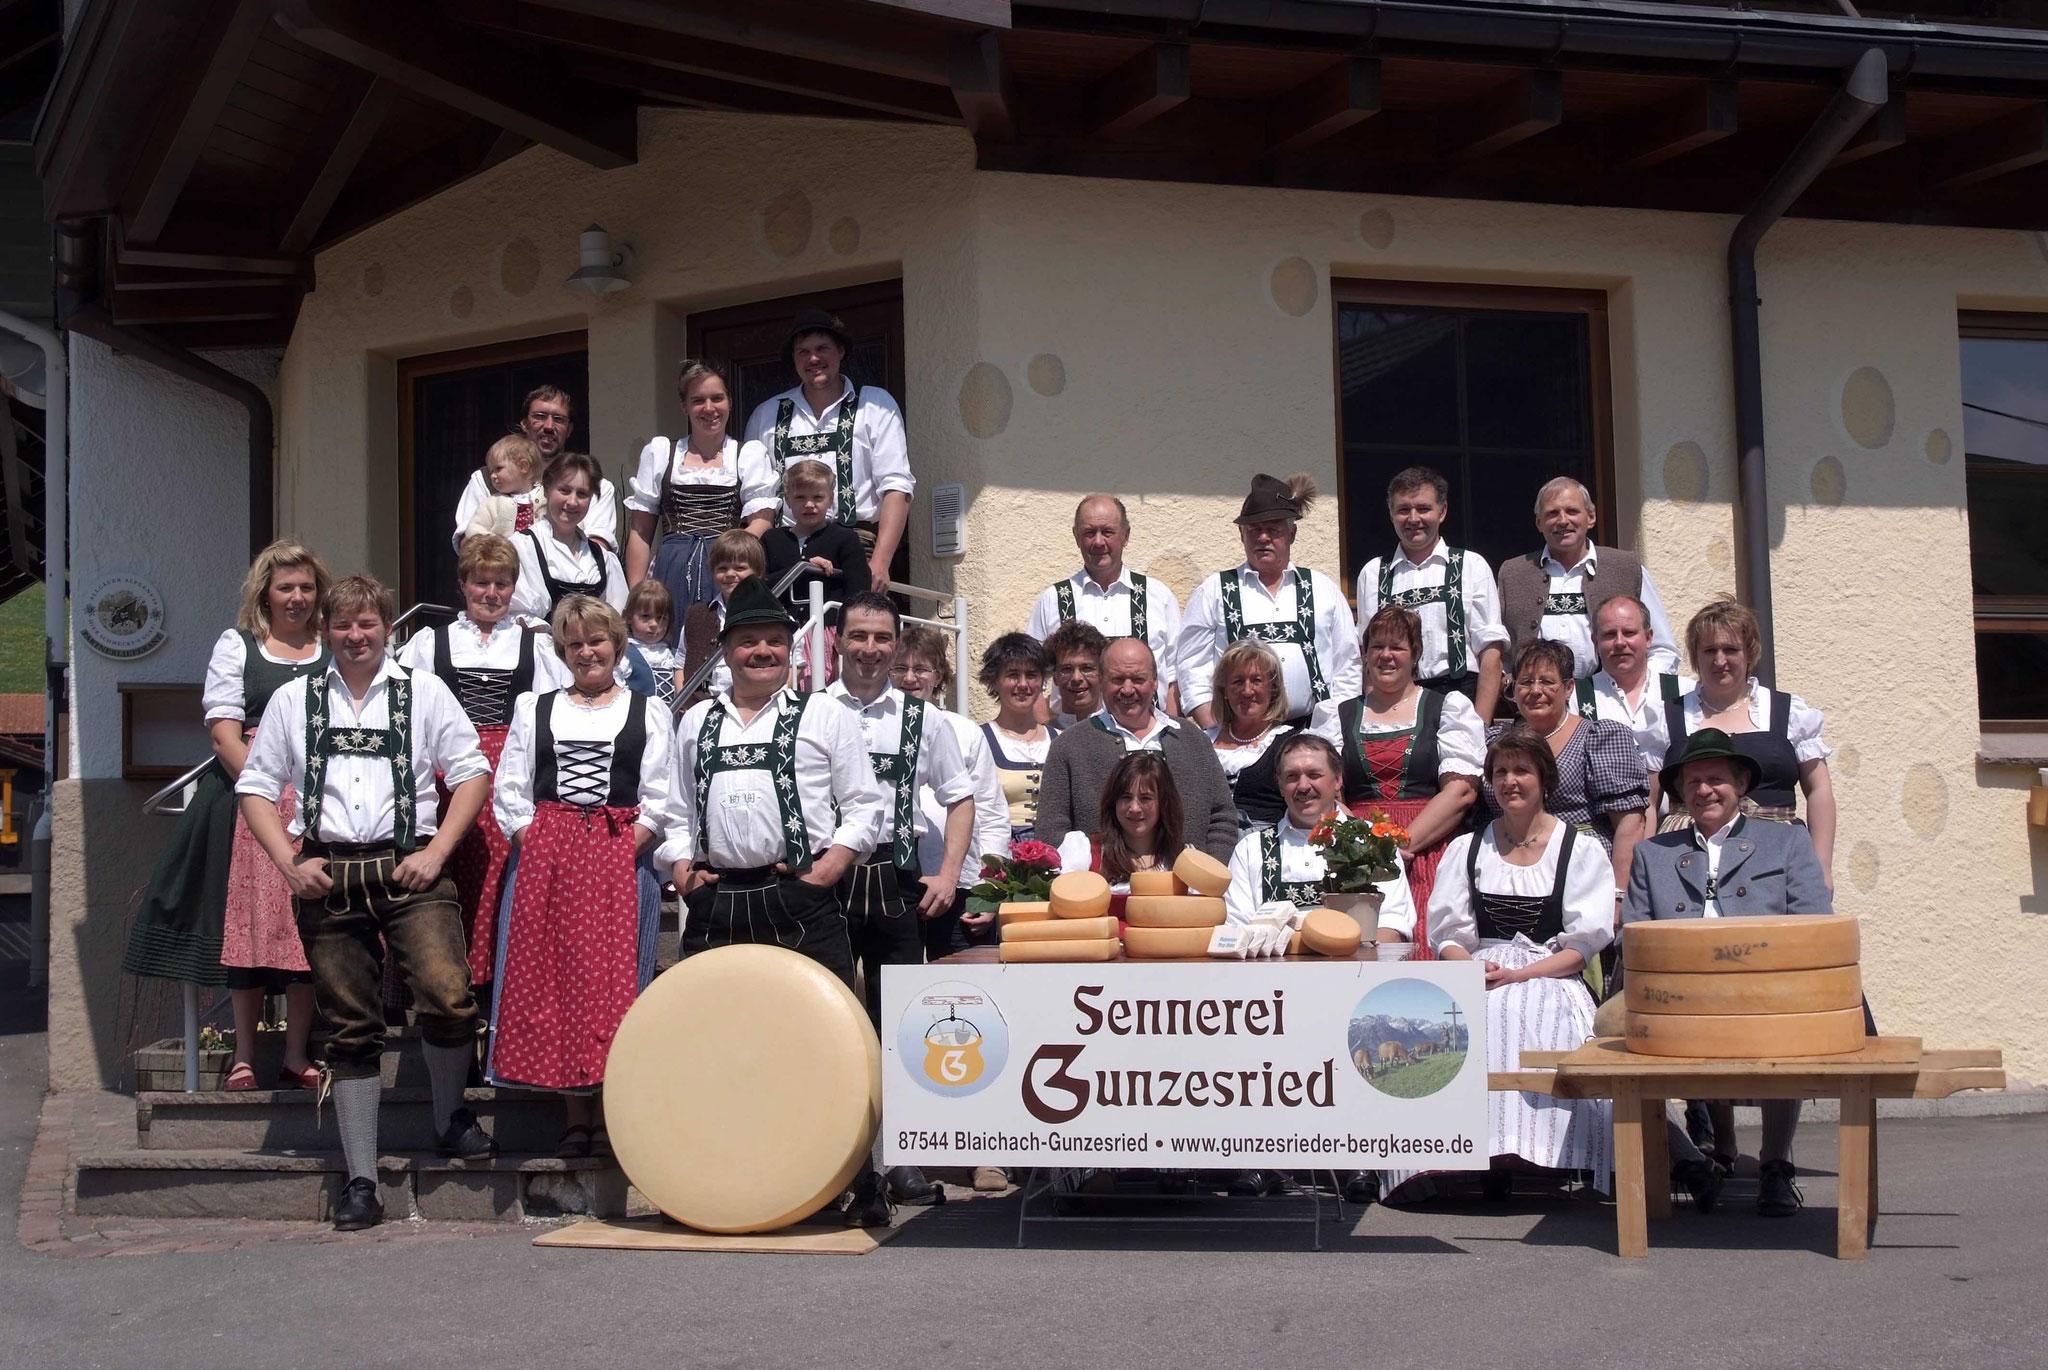 Bauern Gunzesried, Allgäuer Tracht